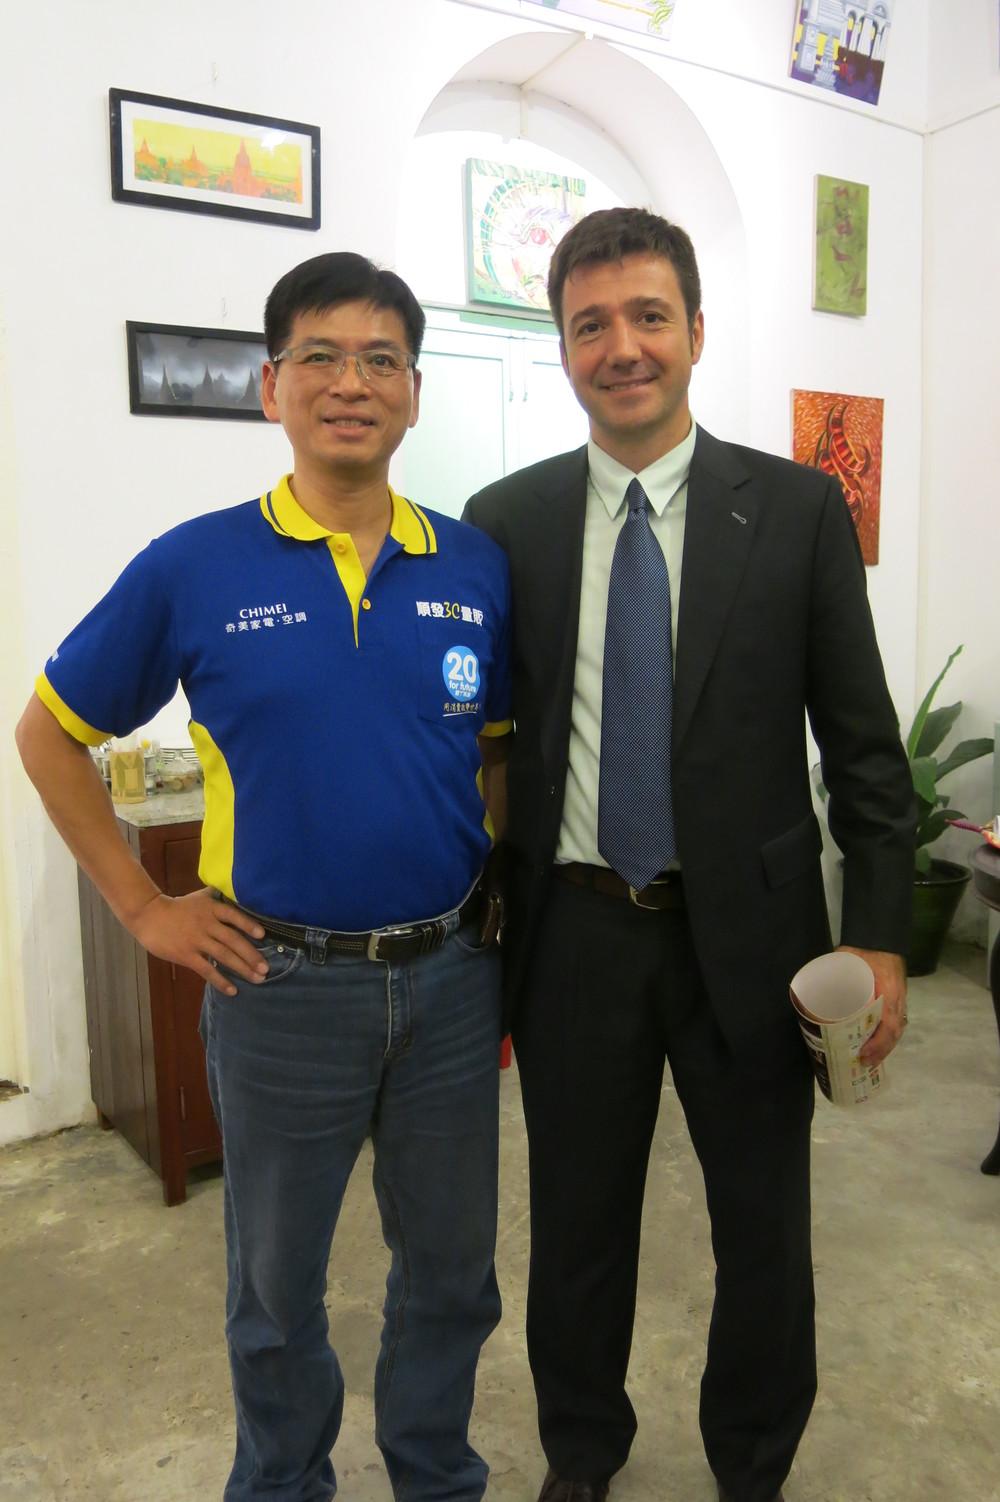 (圖右) 聯合國駐緬甸代表 Pablo Barrera